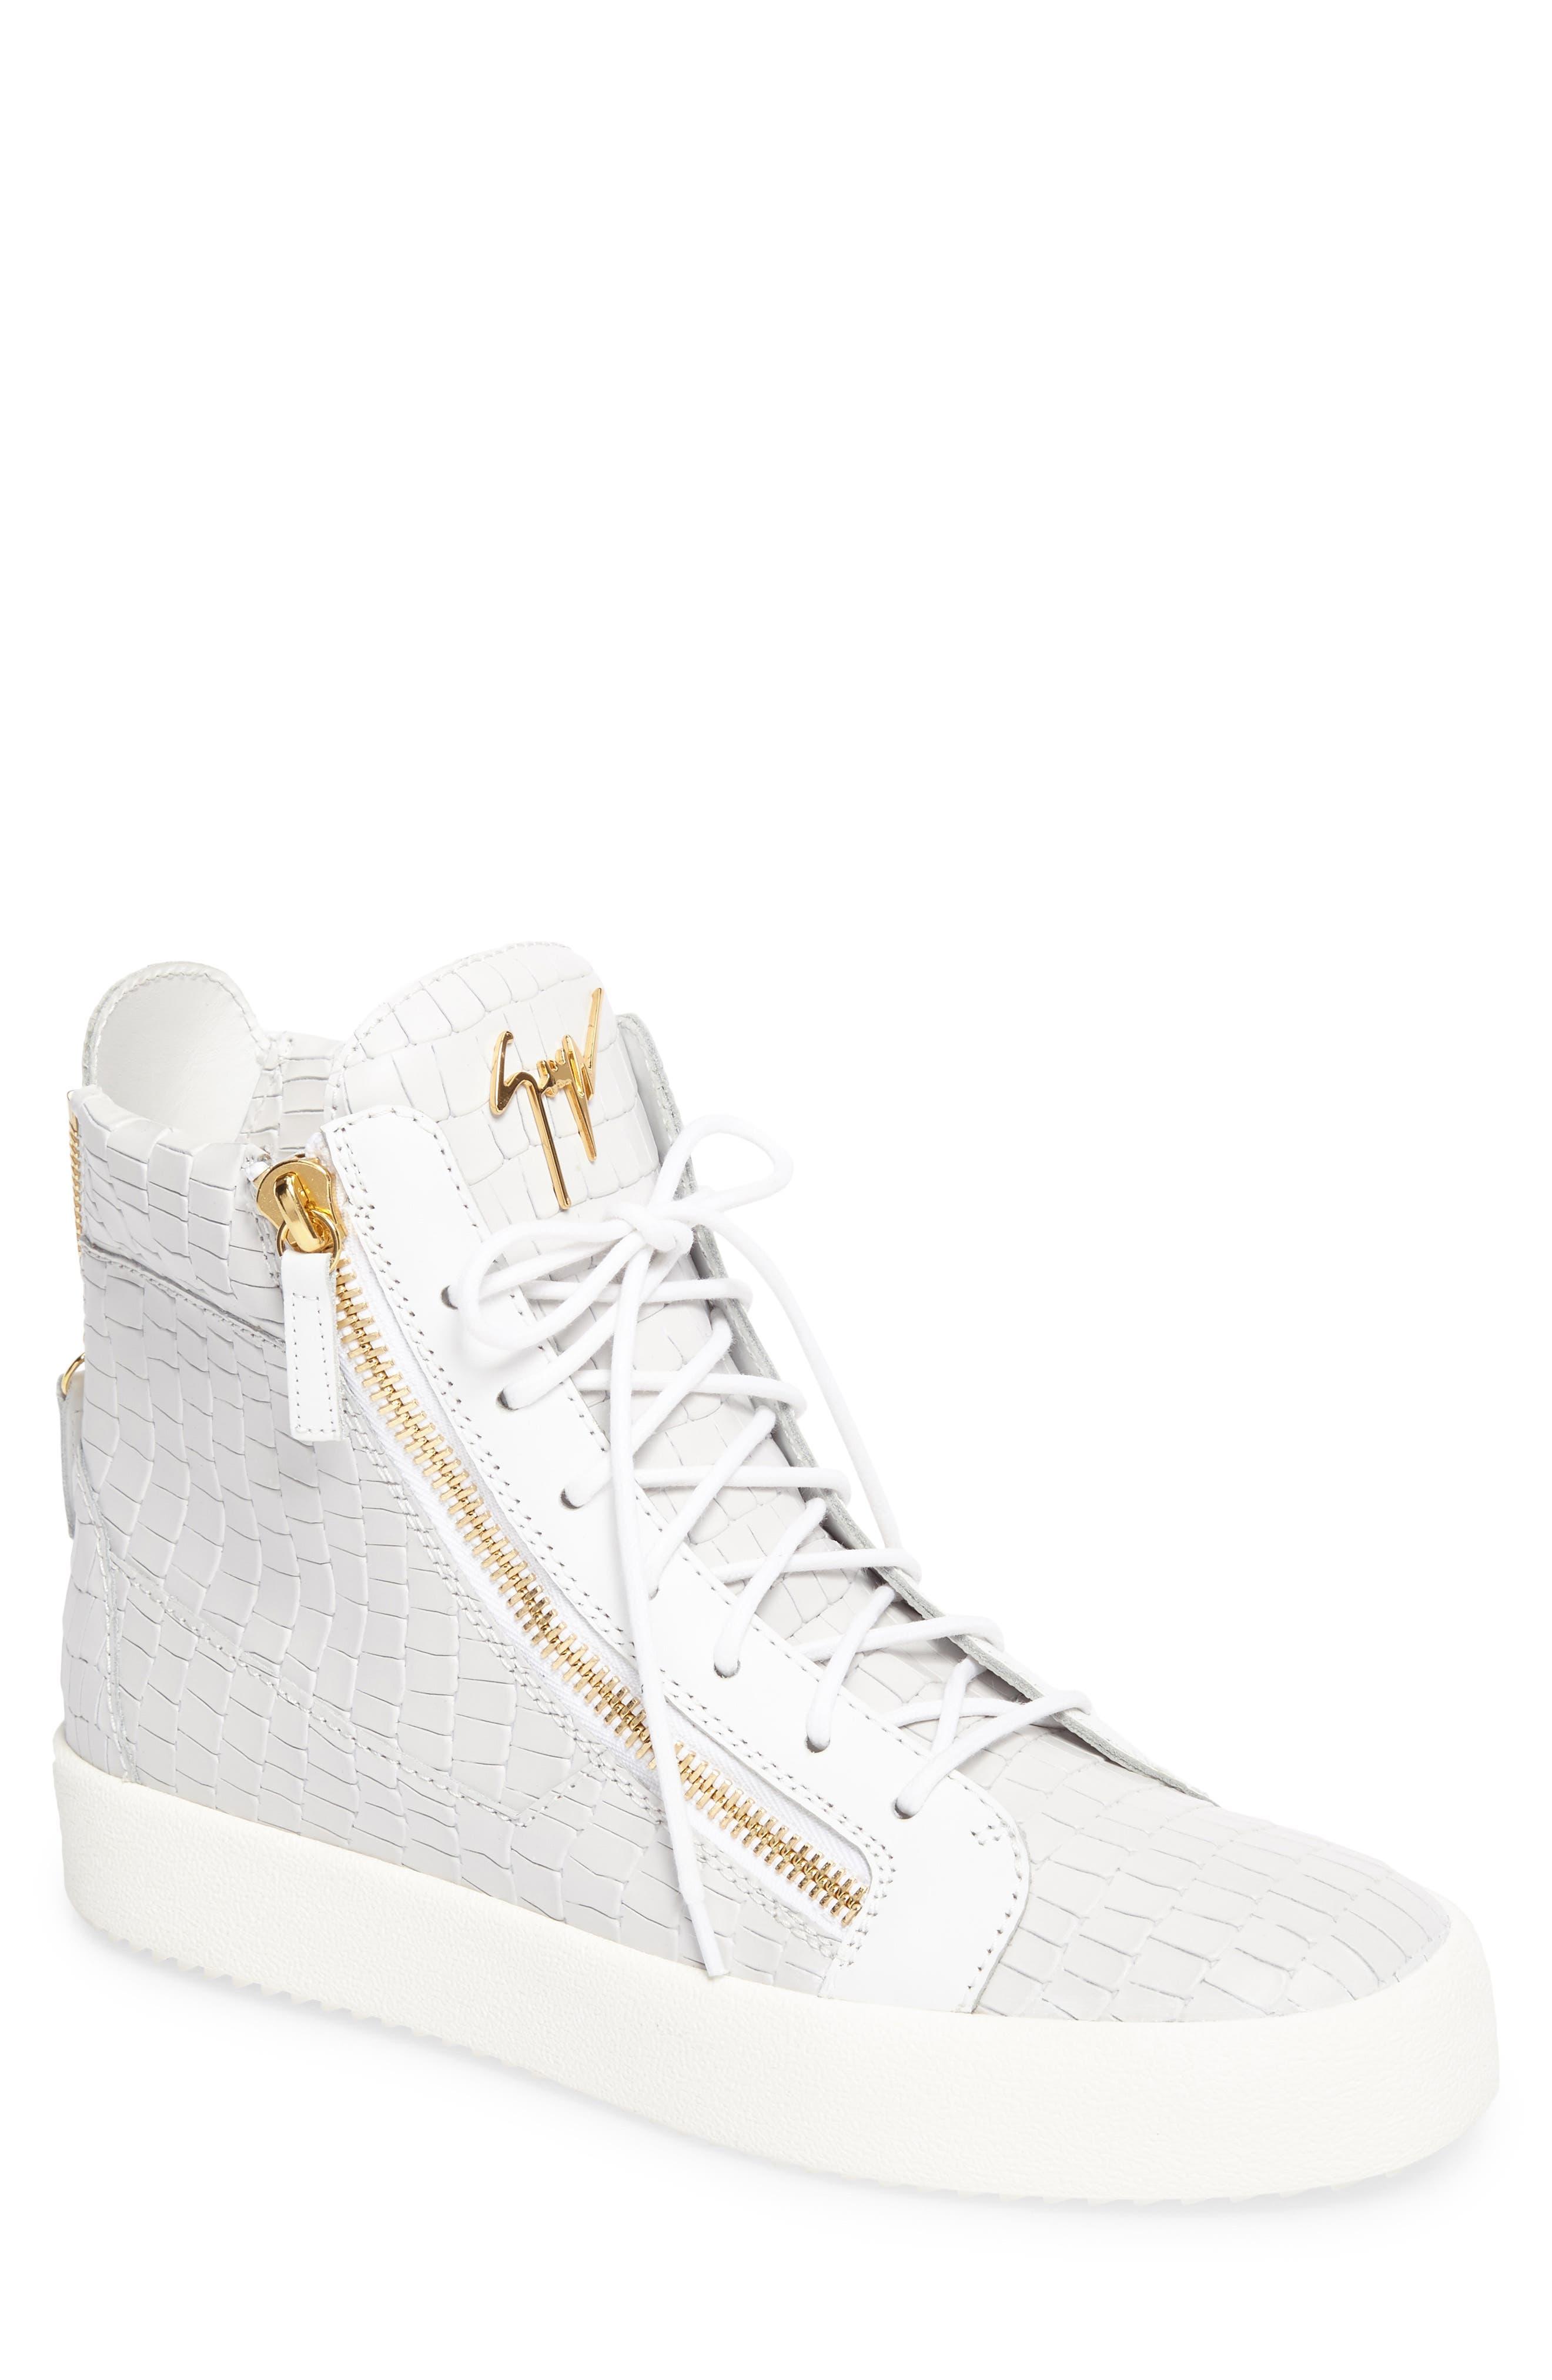 Alternate Image 1 Selected - Giuseppe Zanotti High-Top Sneaker (Men)